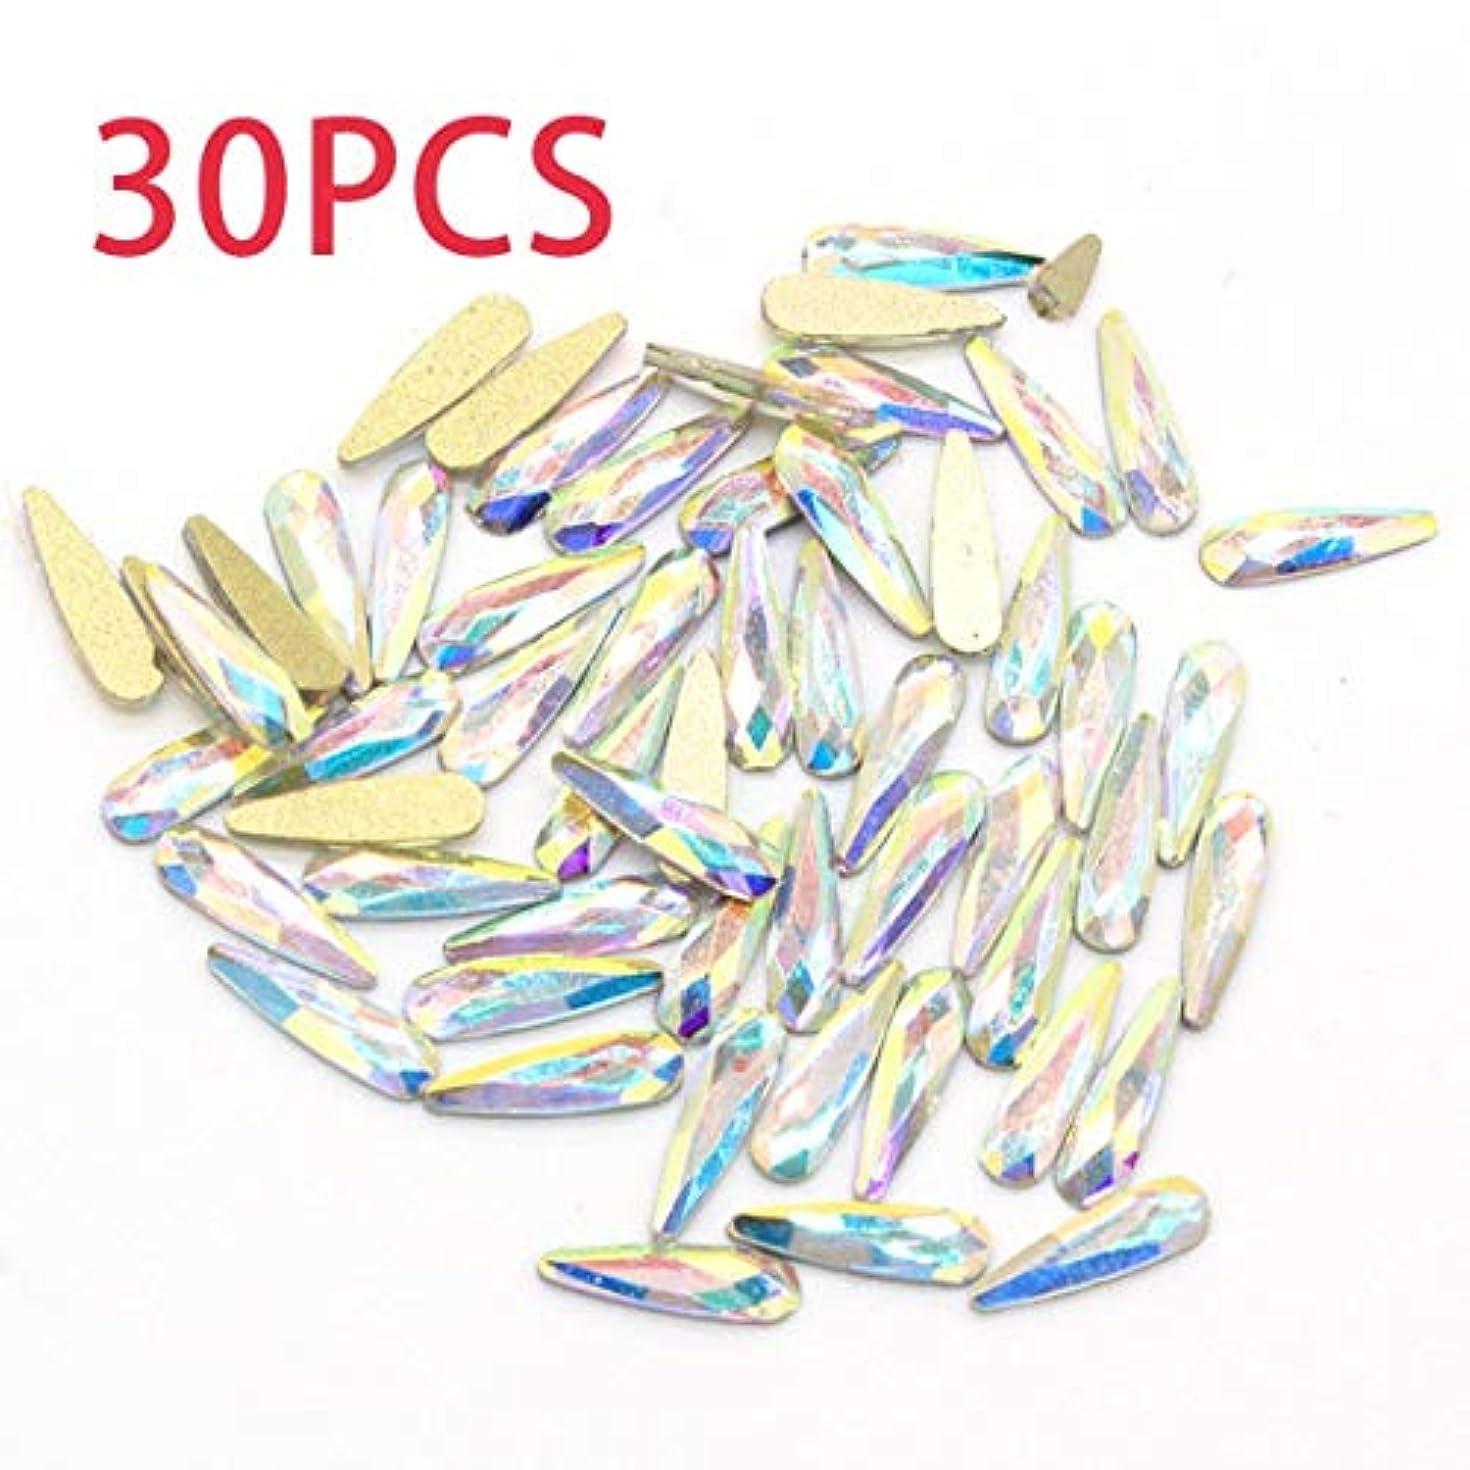 プラットフォームアセ容赦ないBirdlanternネイルクリスタル宝石用釘3Dネイルアートの装飾フラットバックドロップガラスストラスストーンジュエリーABダイヤモンドDIY